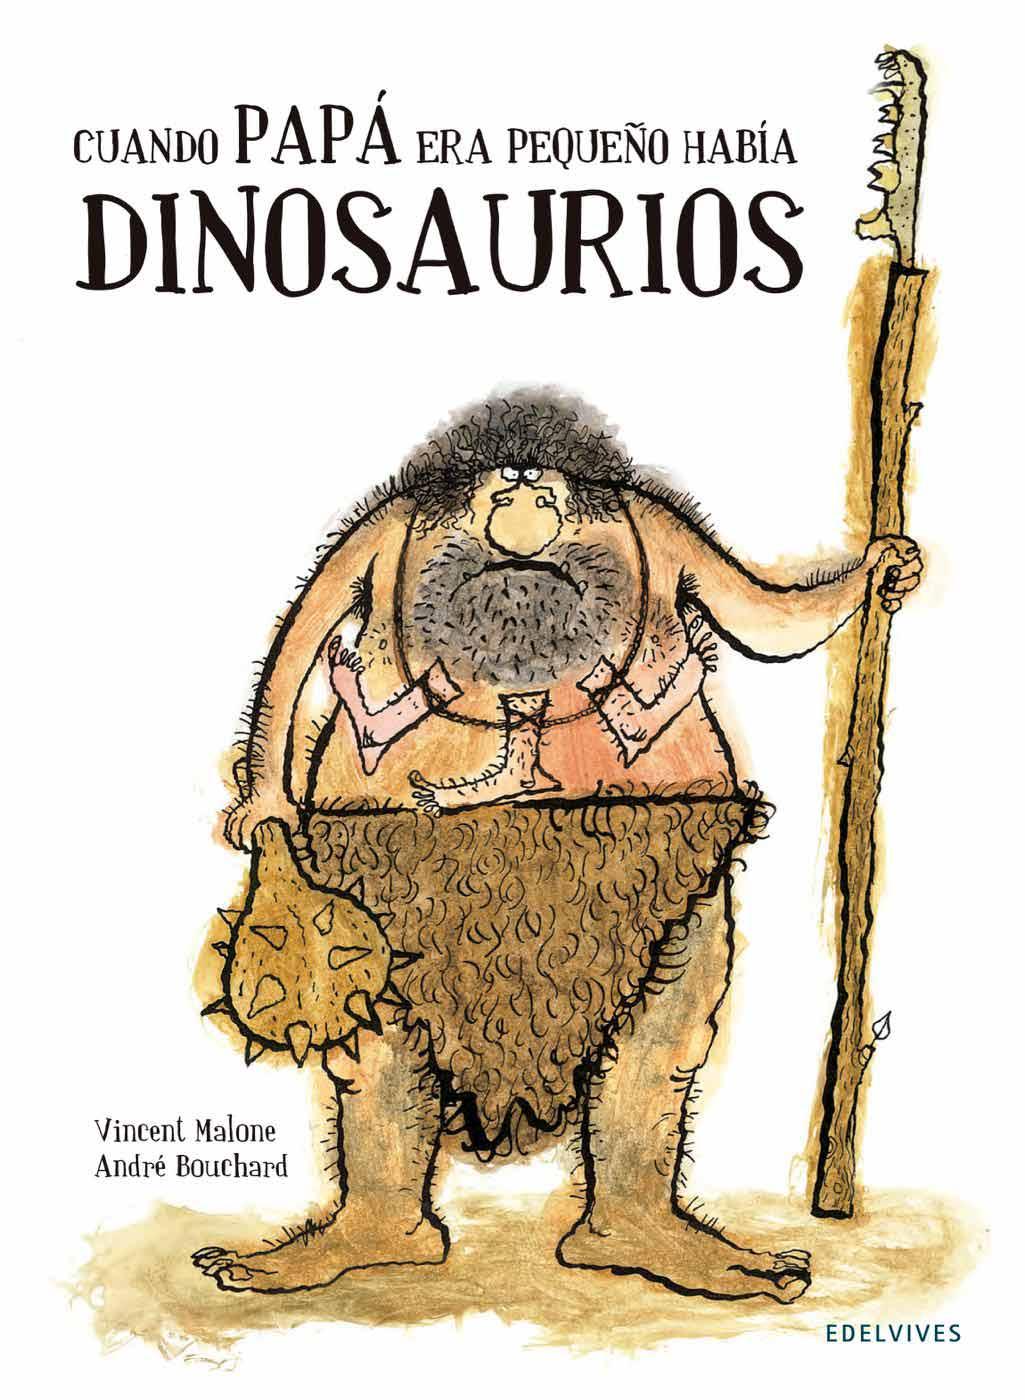 Resultado de imagen de cuando papá era pequeño había dinosaurios